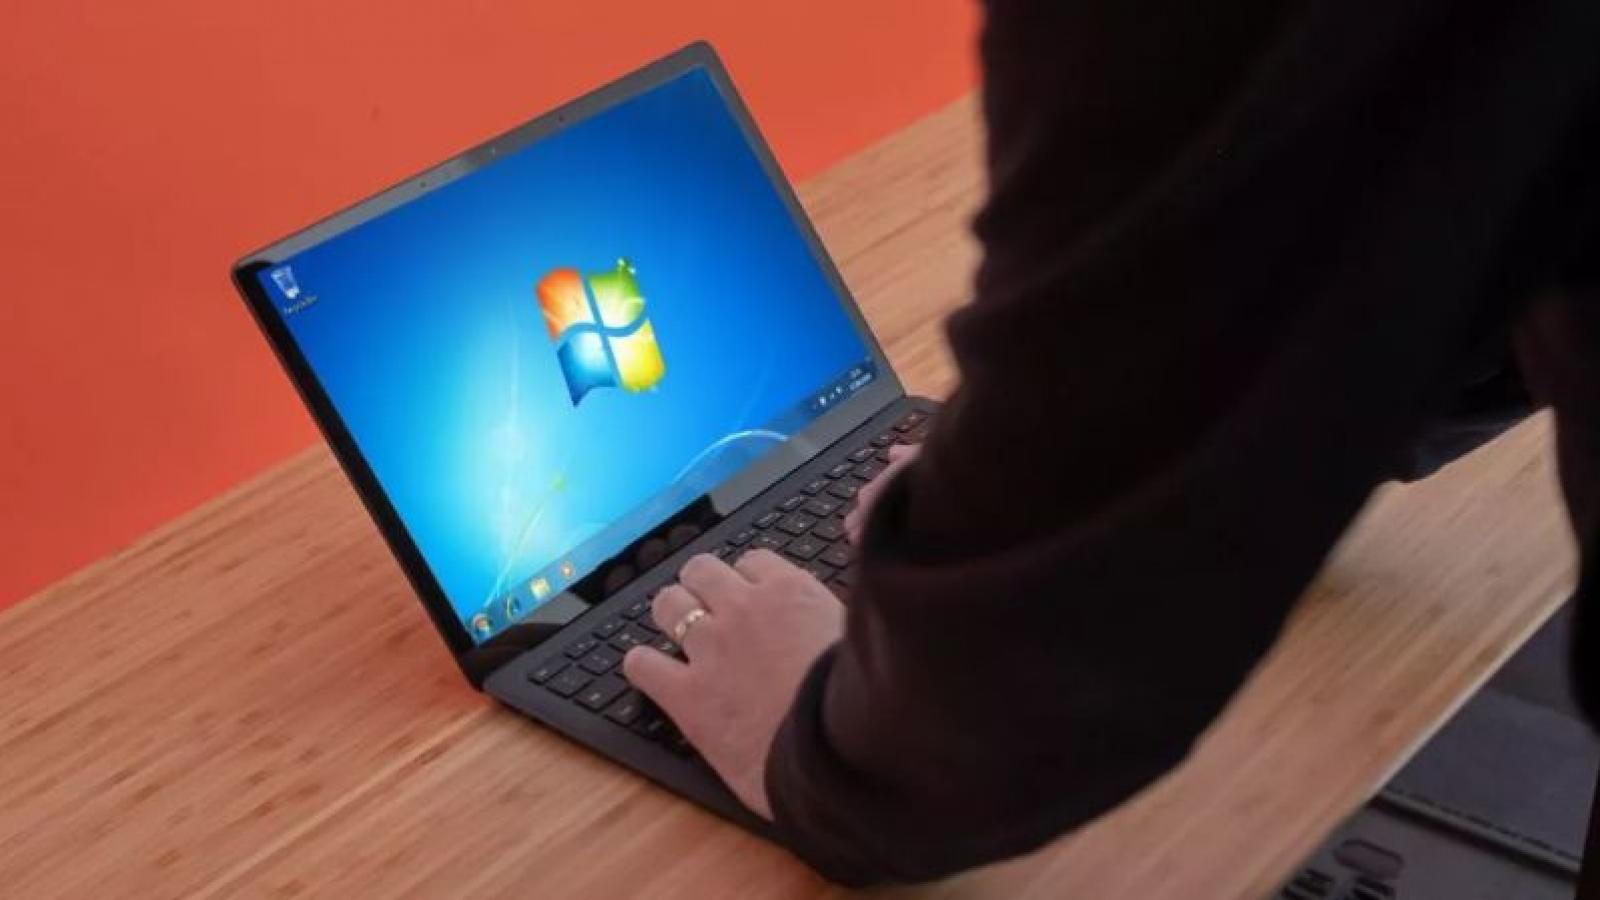 Gần 1/4 người dùng PC vẫn đang sử dụng Windows 7